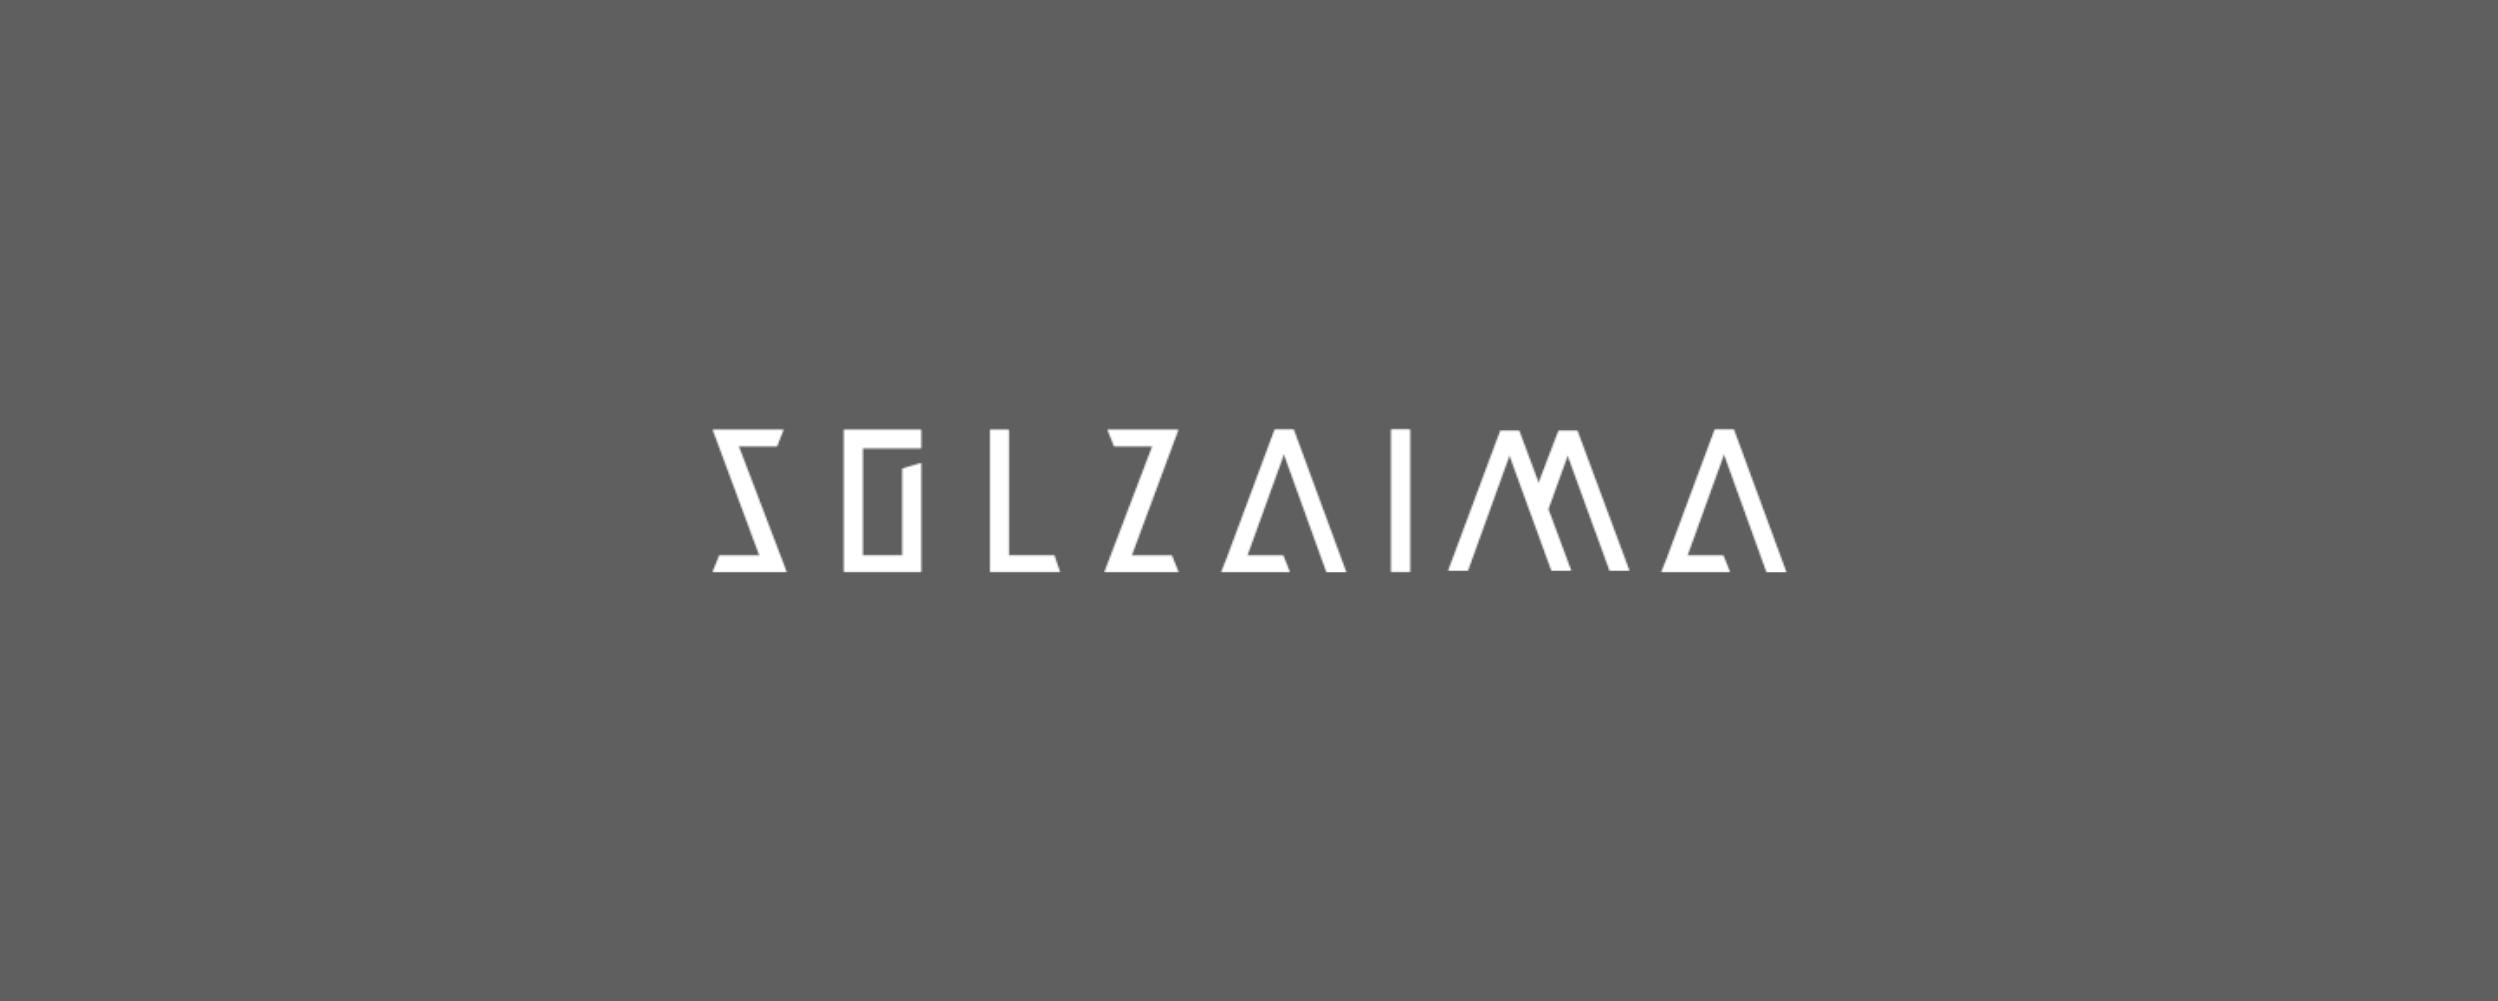 Solzaima Logo